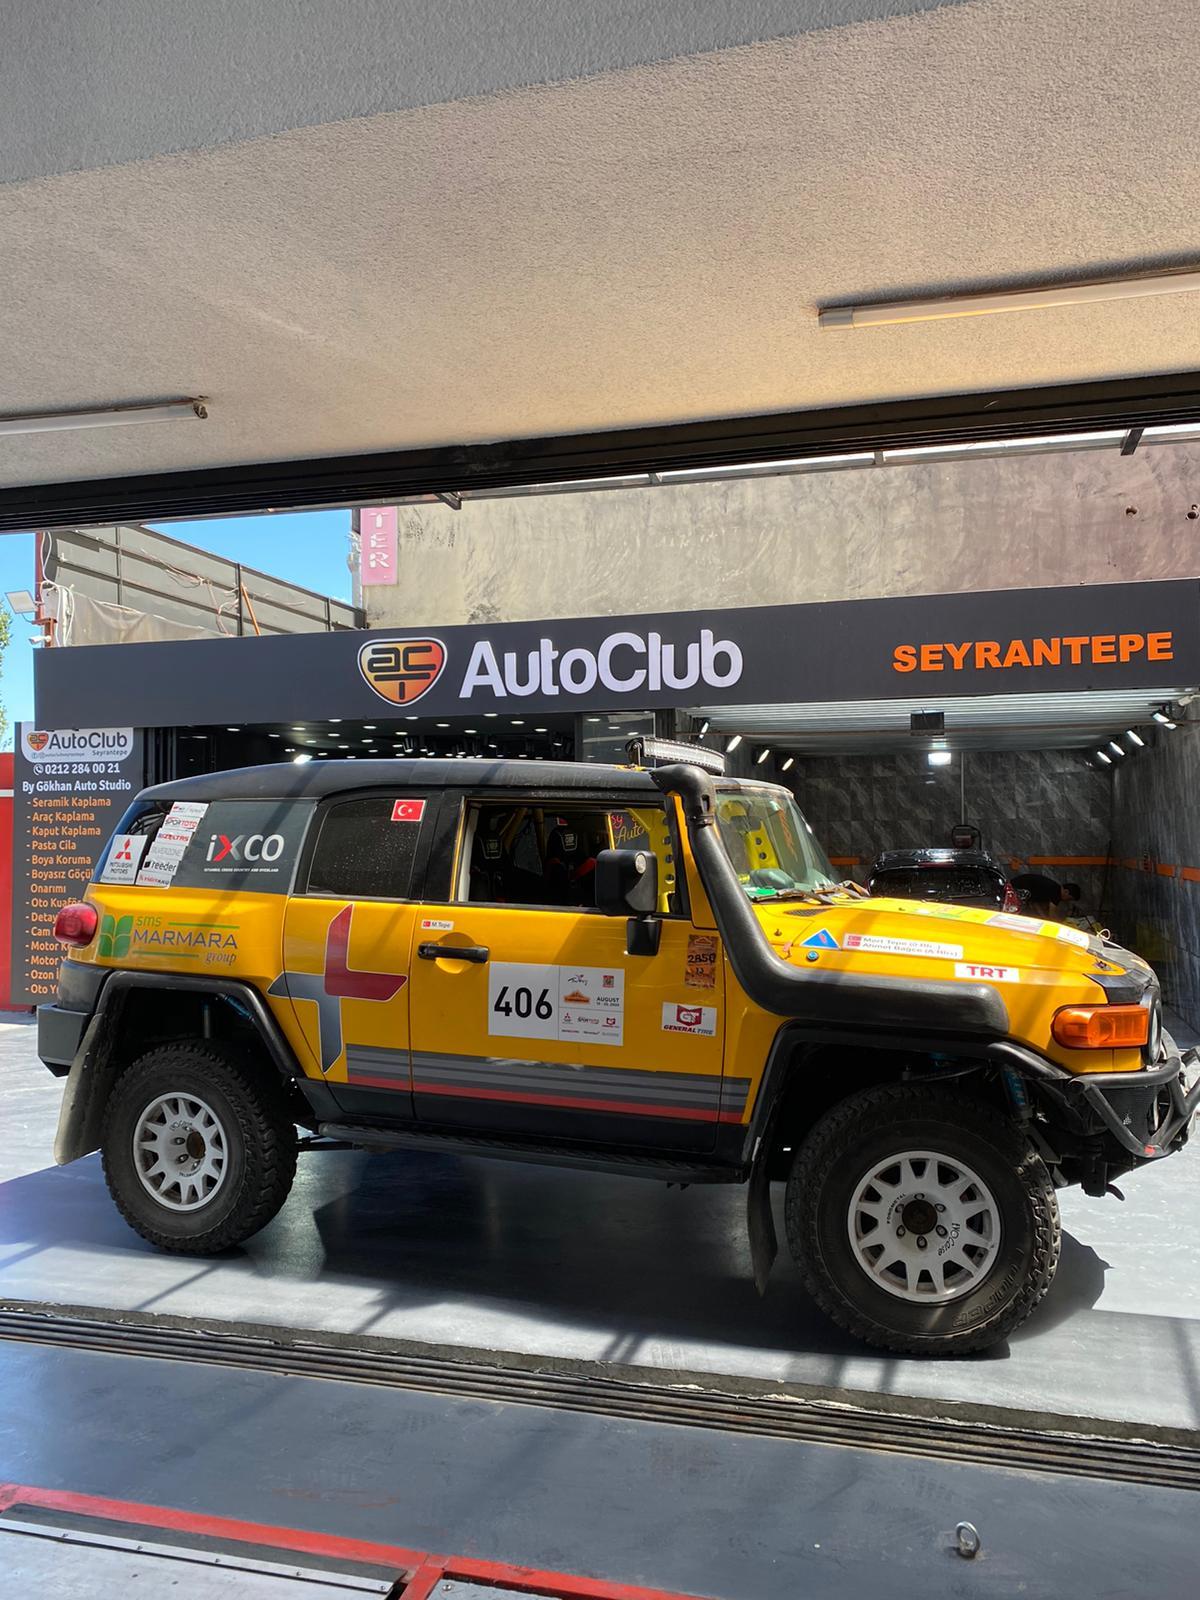 AutoClub Seyrantepe - İstanbul Seyrantepe